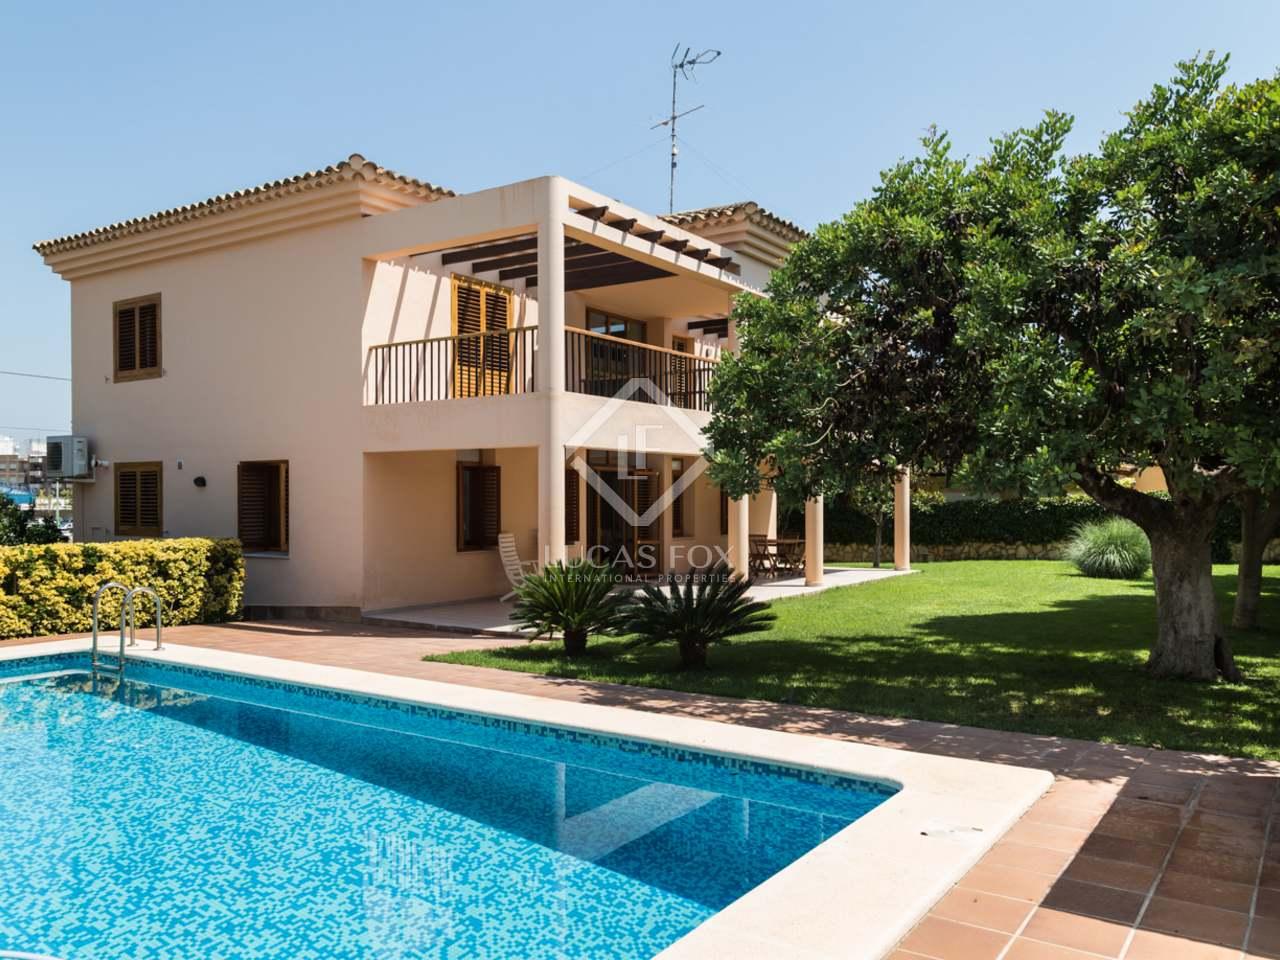 Preciosa villa con piscina en venta en la eliana valencia for Apartamentos con piscina en valencia